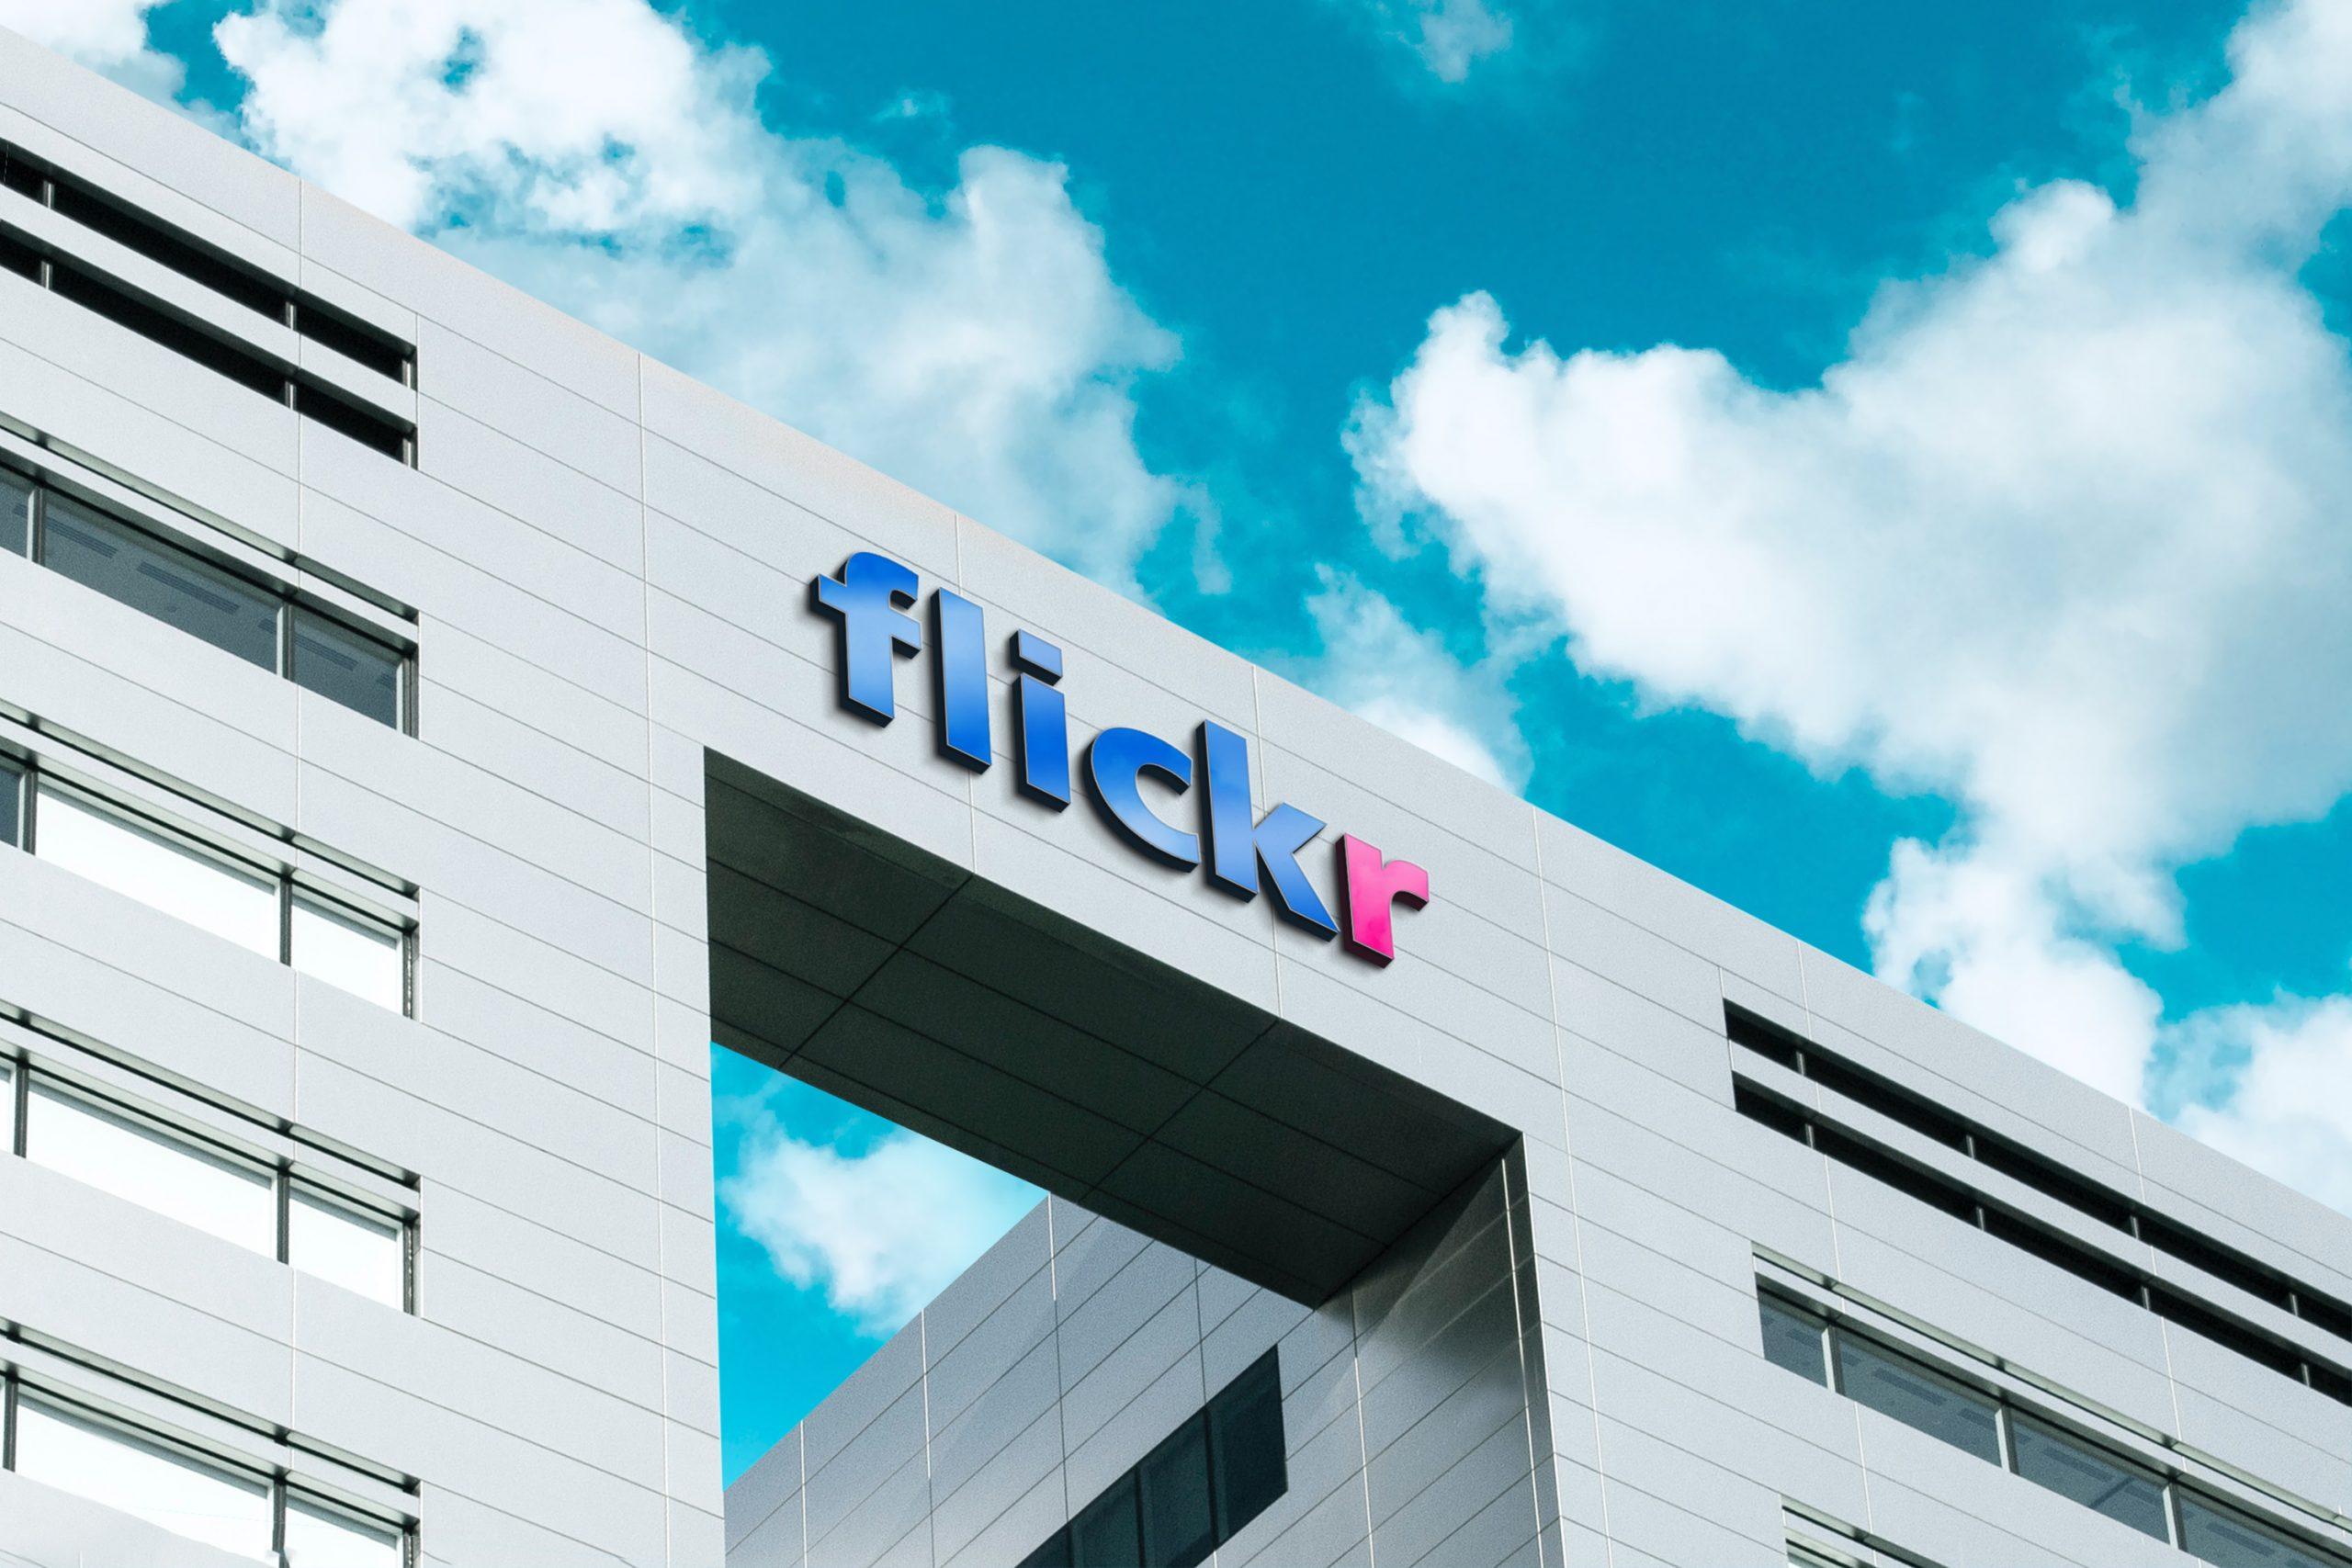 Flickr 3D Company Logo Mockup